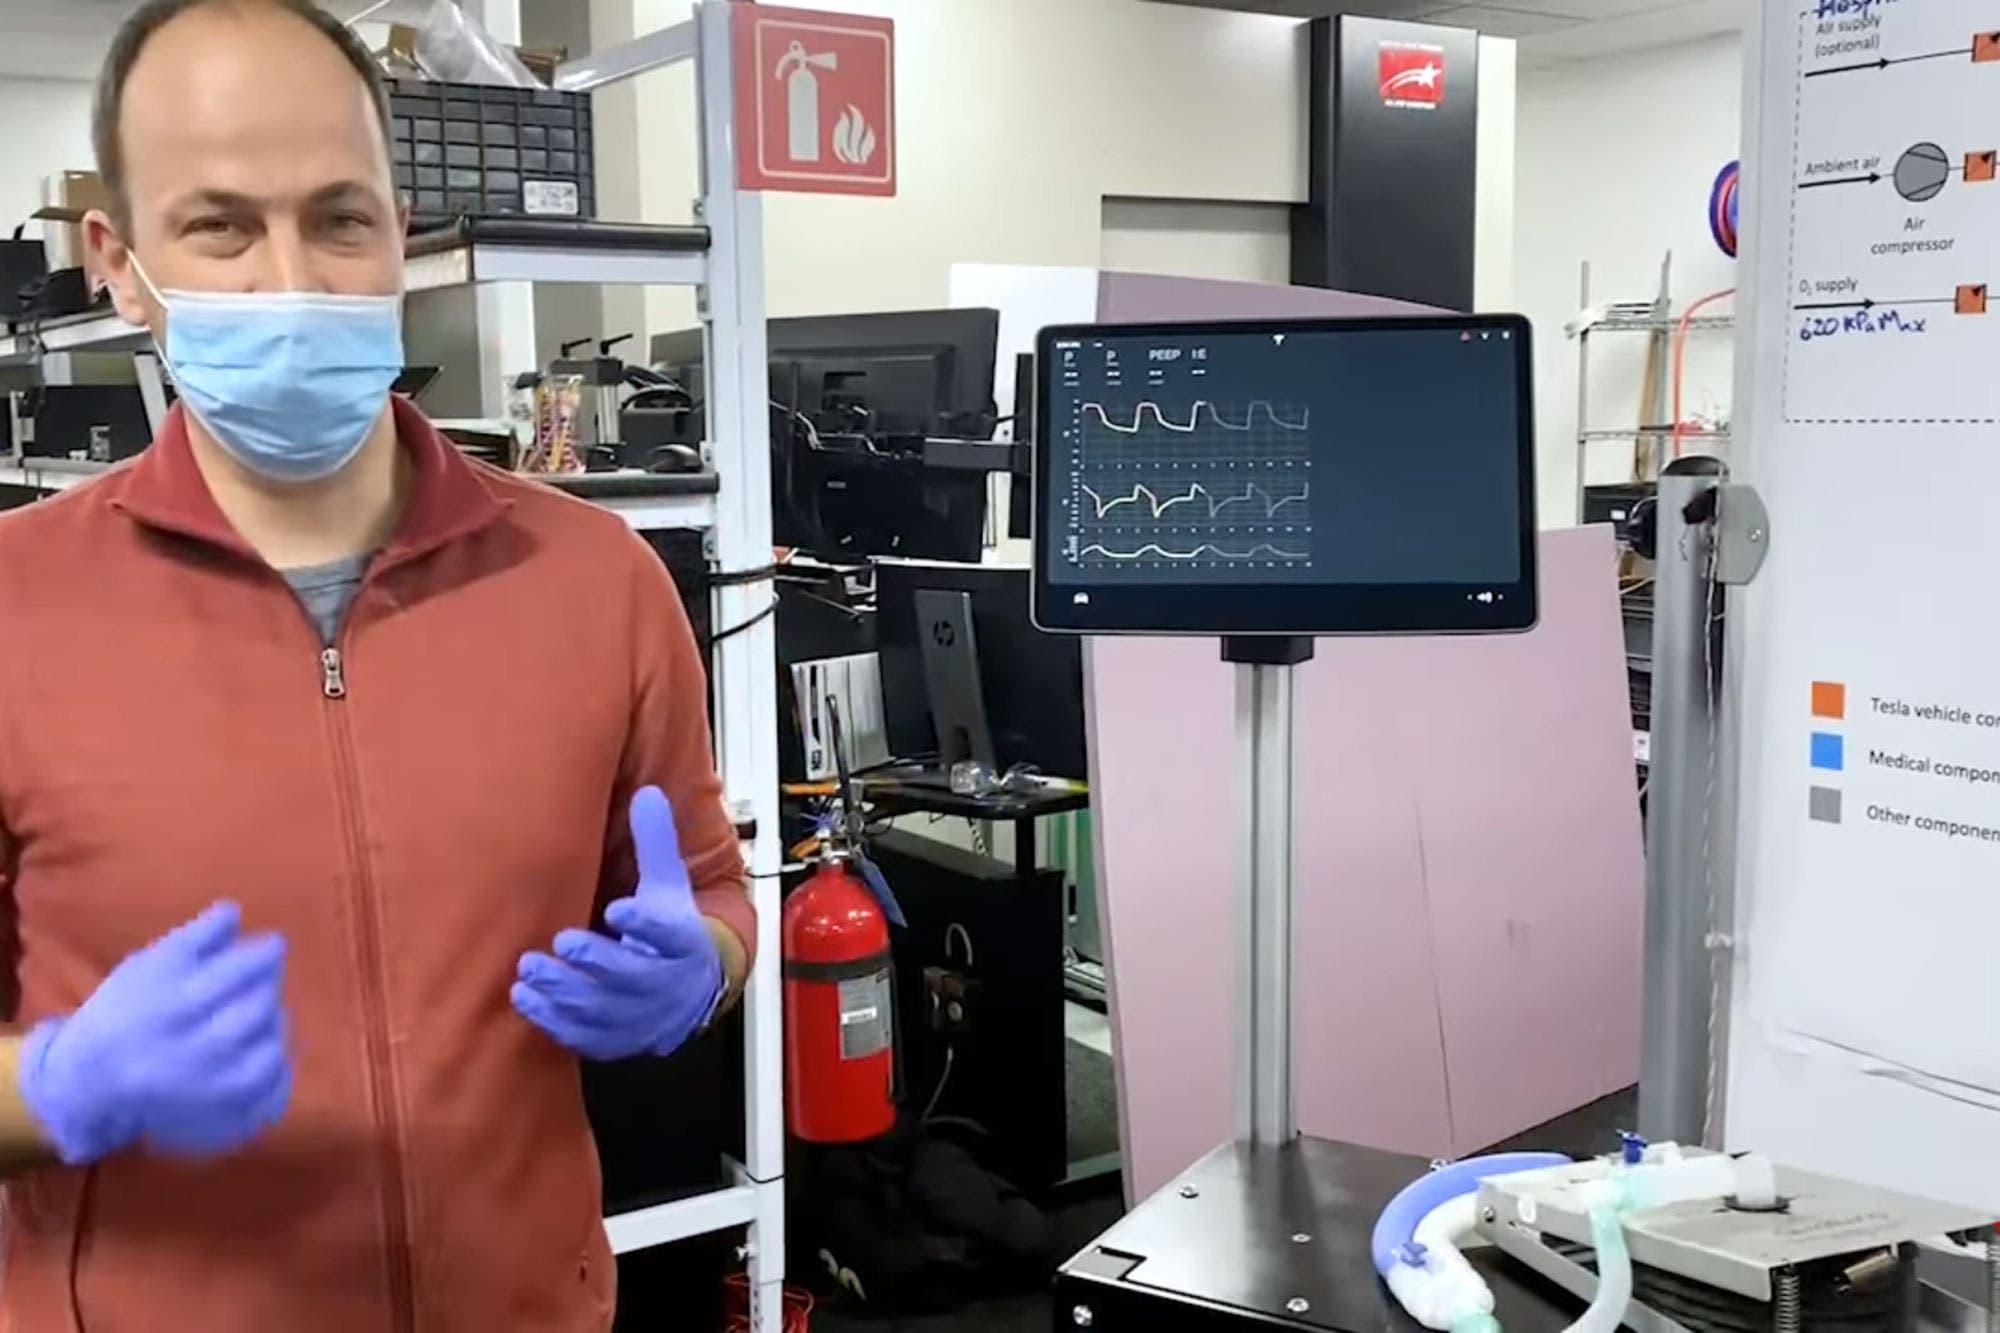 Tesla revela el desarrollo de un prototipo de respirador con partes de su vehículo eléctrico en un video publicado en YouTube